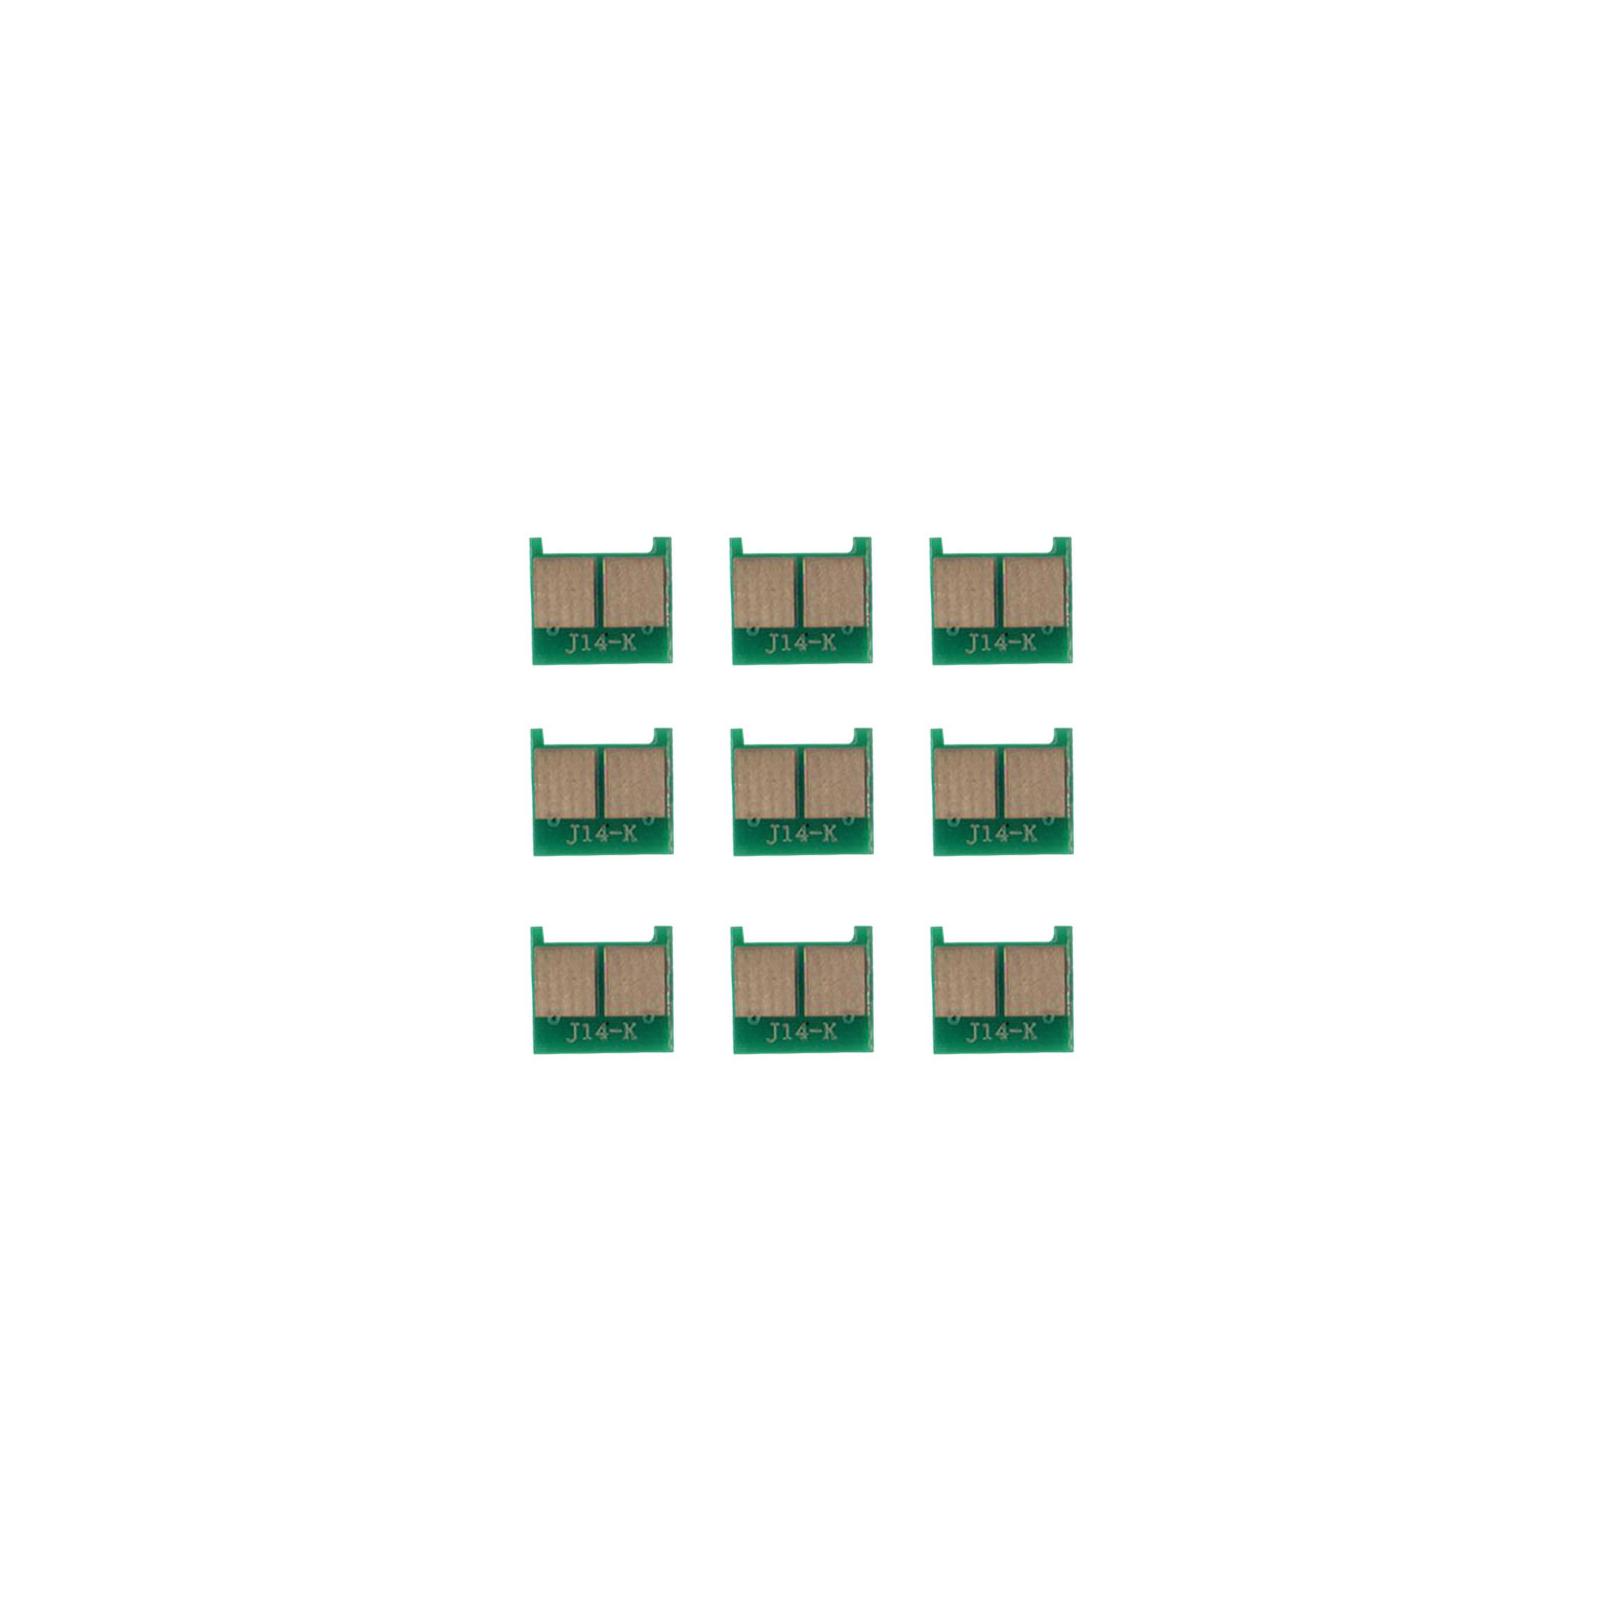 Чип для картриджа HP CLJ Pro 700/M176/177/775/CM4540/CP5520/5525 Cyan AHK (1800412)